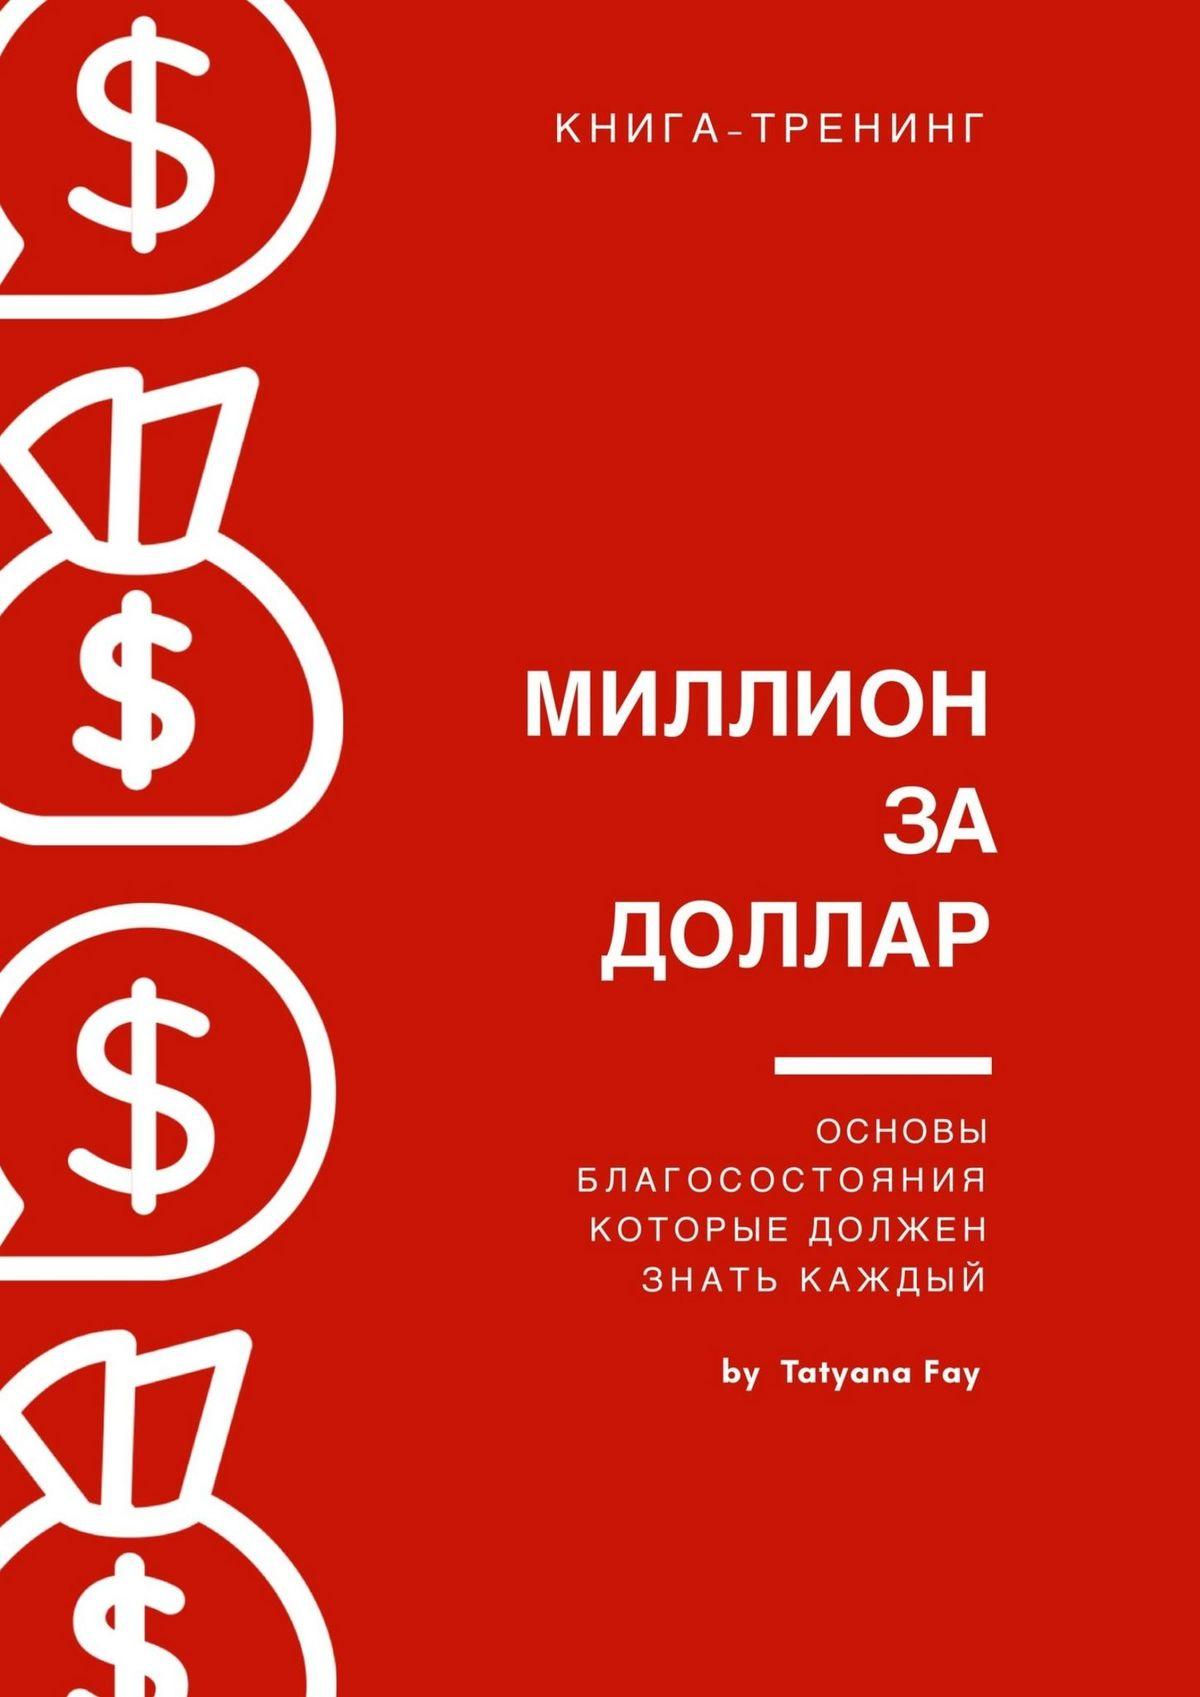 Tatyana Fay Миллион задоллар. Книга-тренинг дмитрий шахов как поднять миллион исповедь z drota